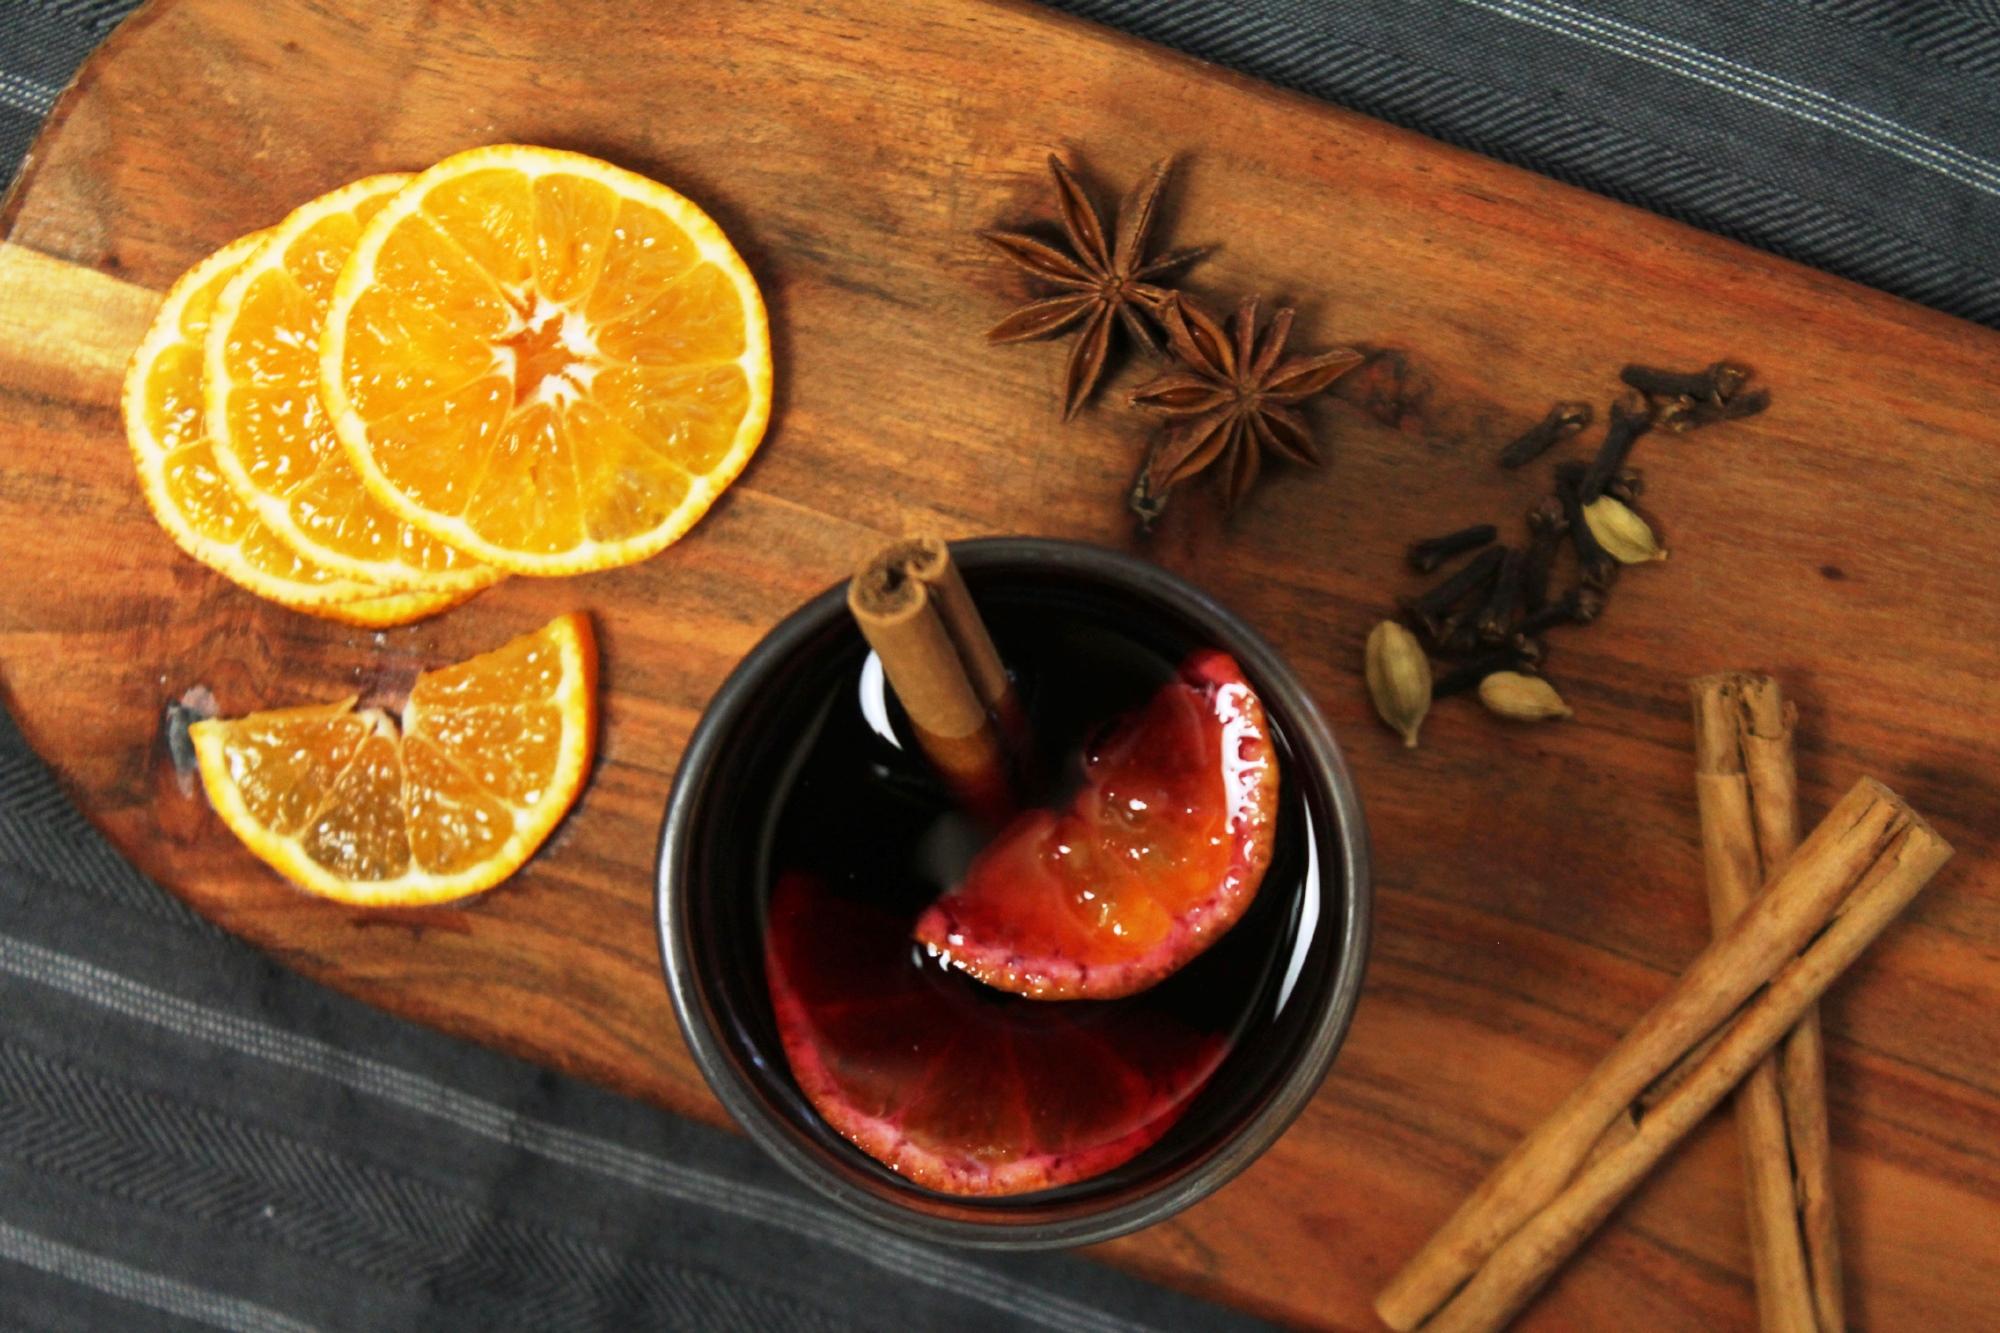 Svařák s pomerančem nebo horká sangría?